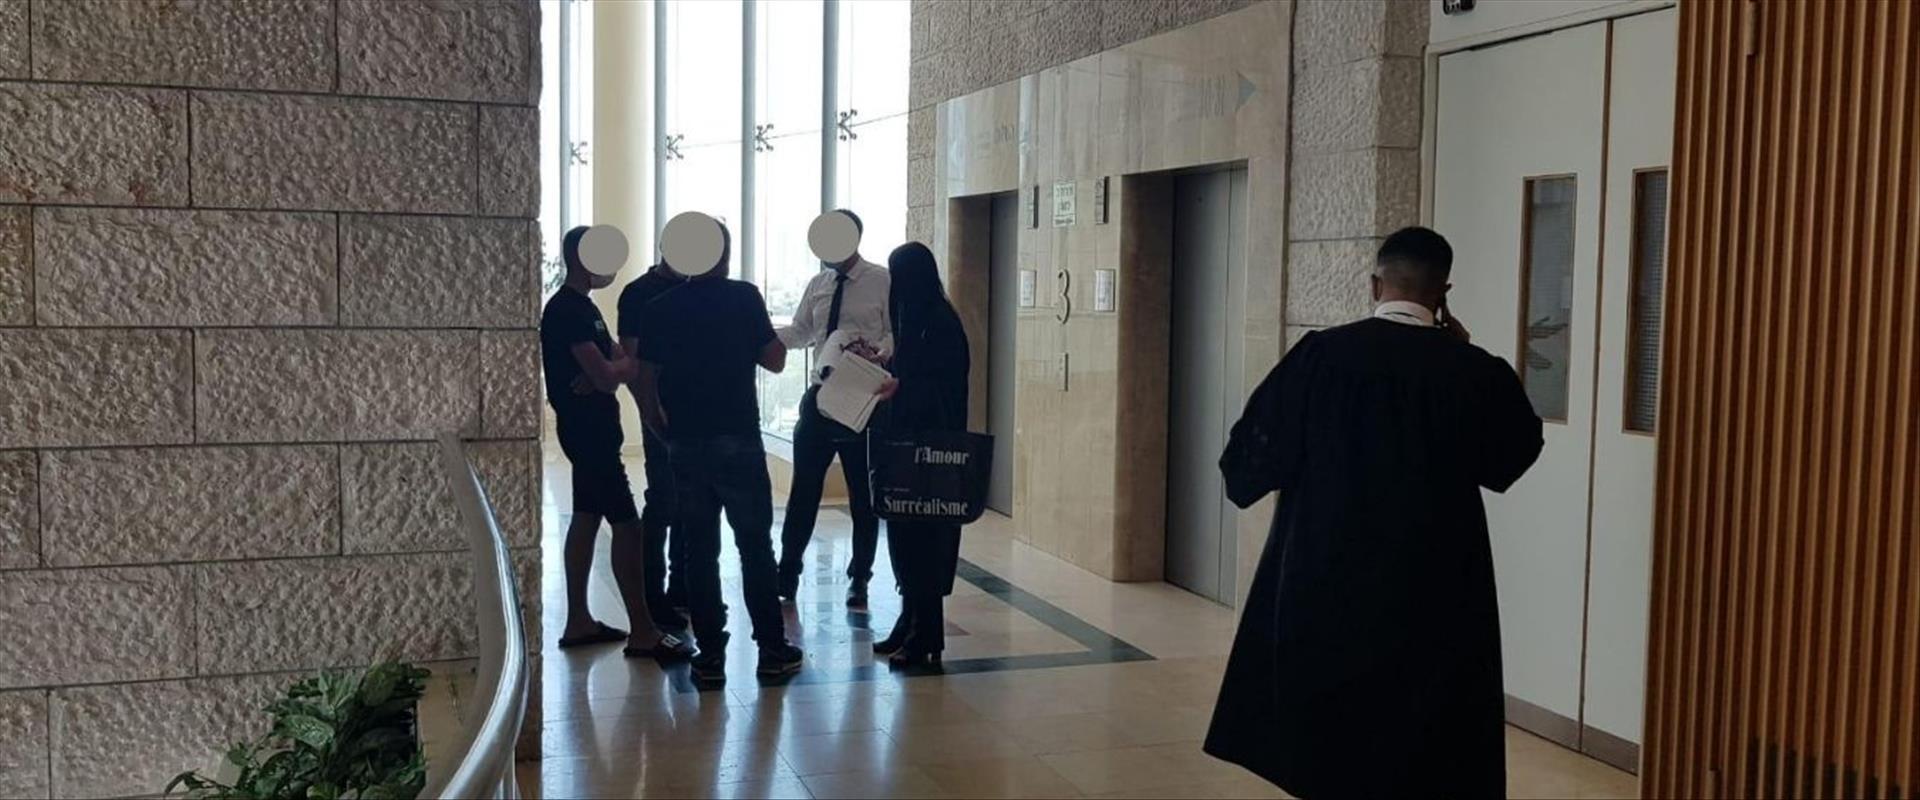 """משפחות הנאשמים מחוץ לאולם ביהמ""""ש"""